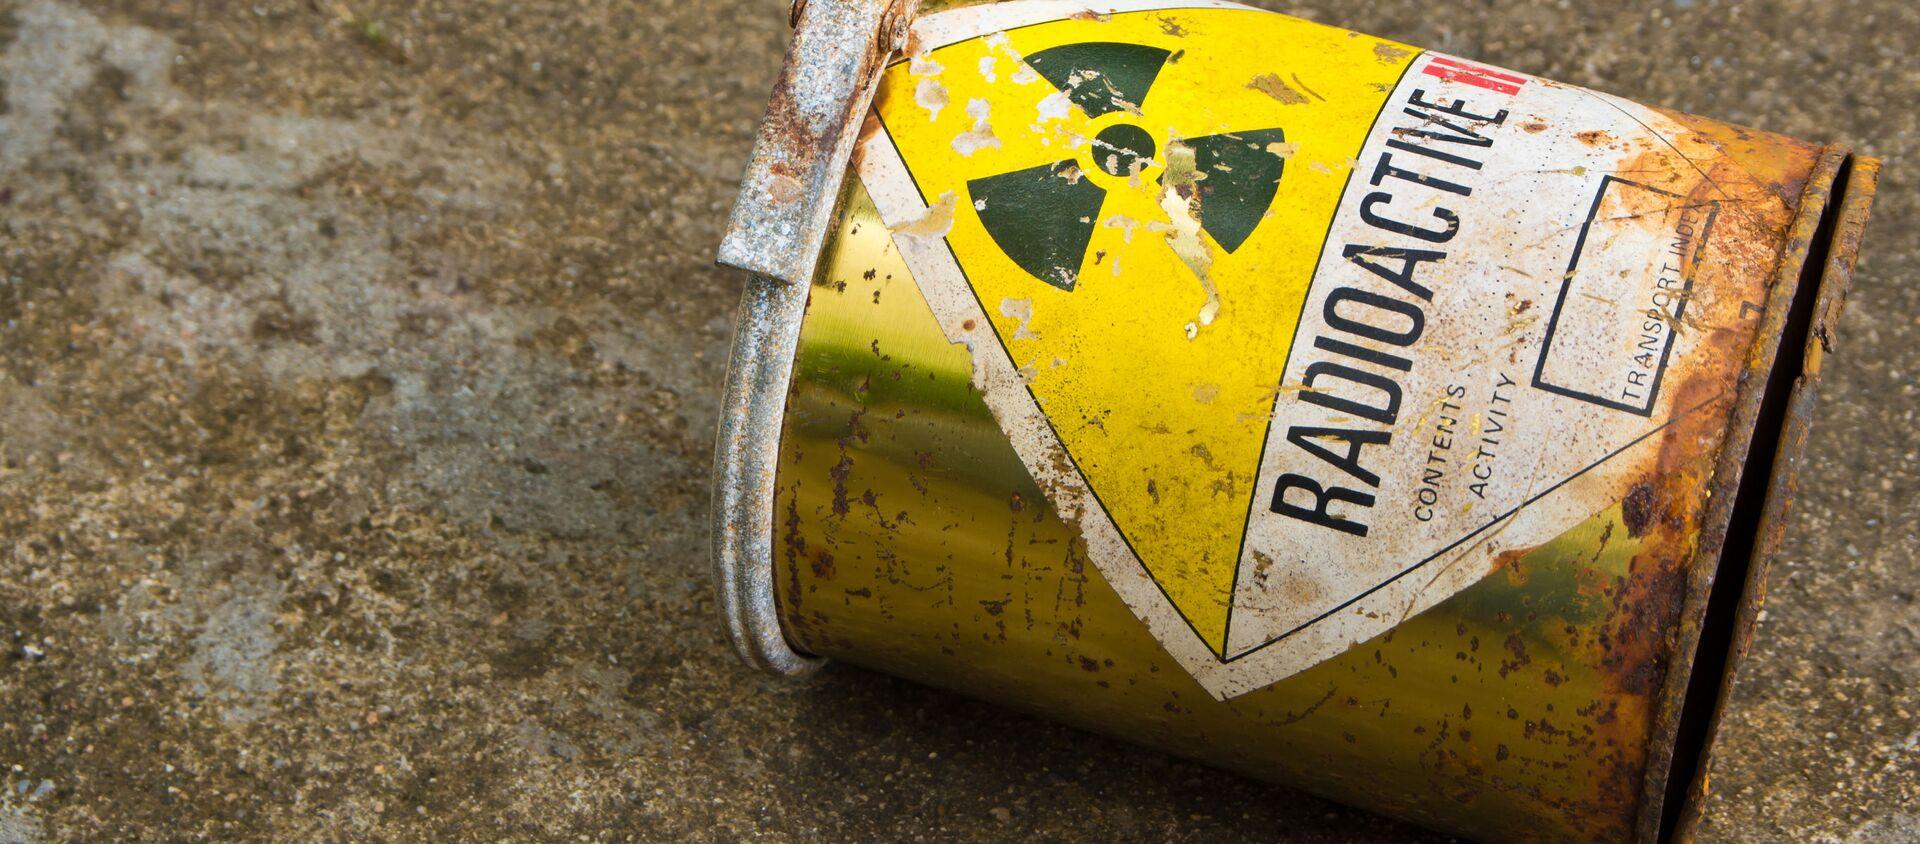 Pojemnik z radioaktywną substancją - Sputnik Polska, 1920, 27.04.2021